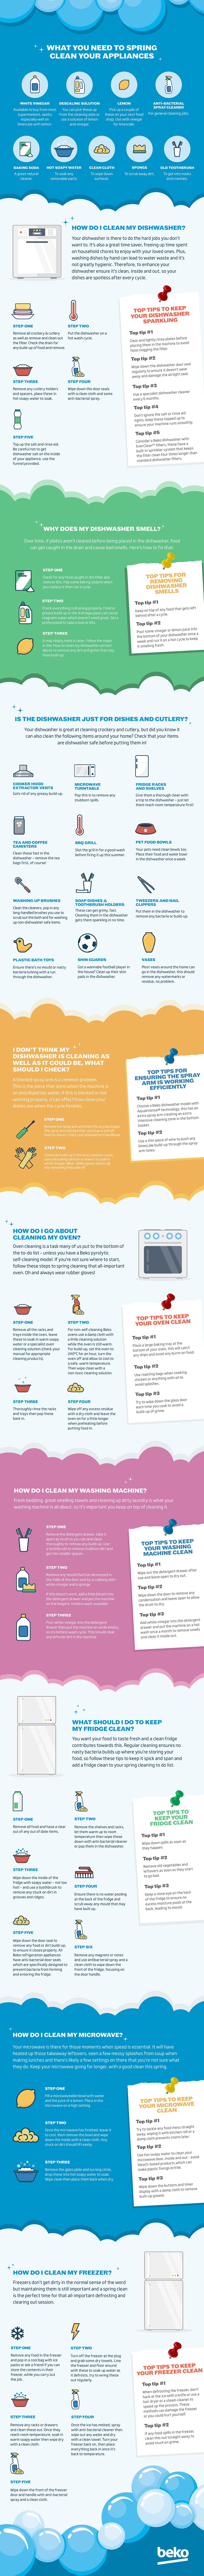 Beko infographic